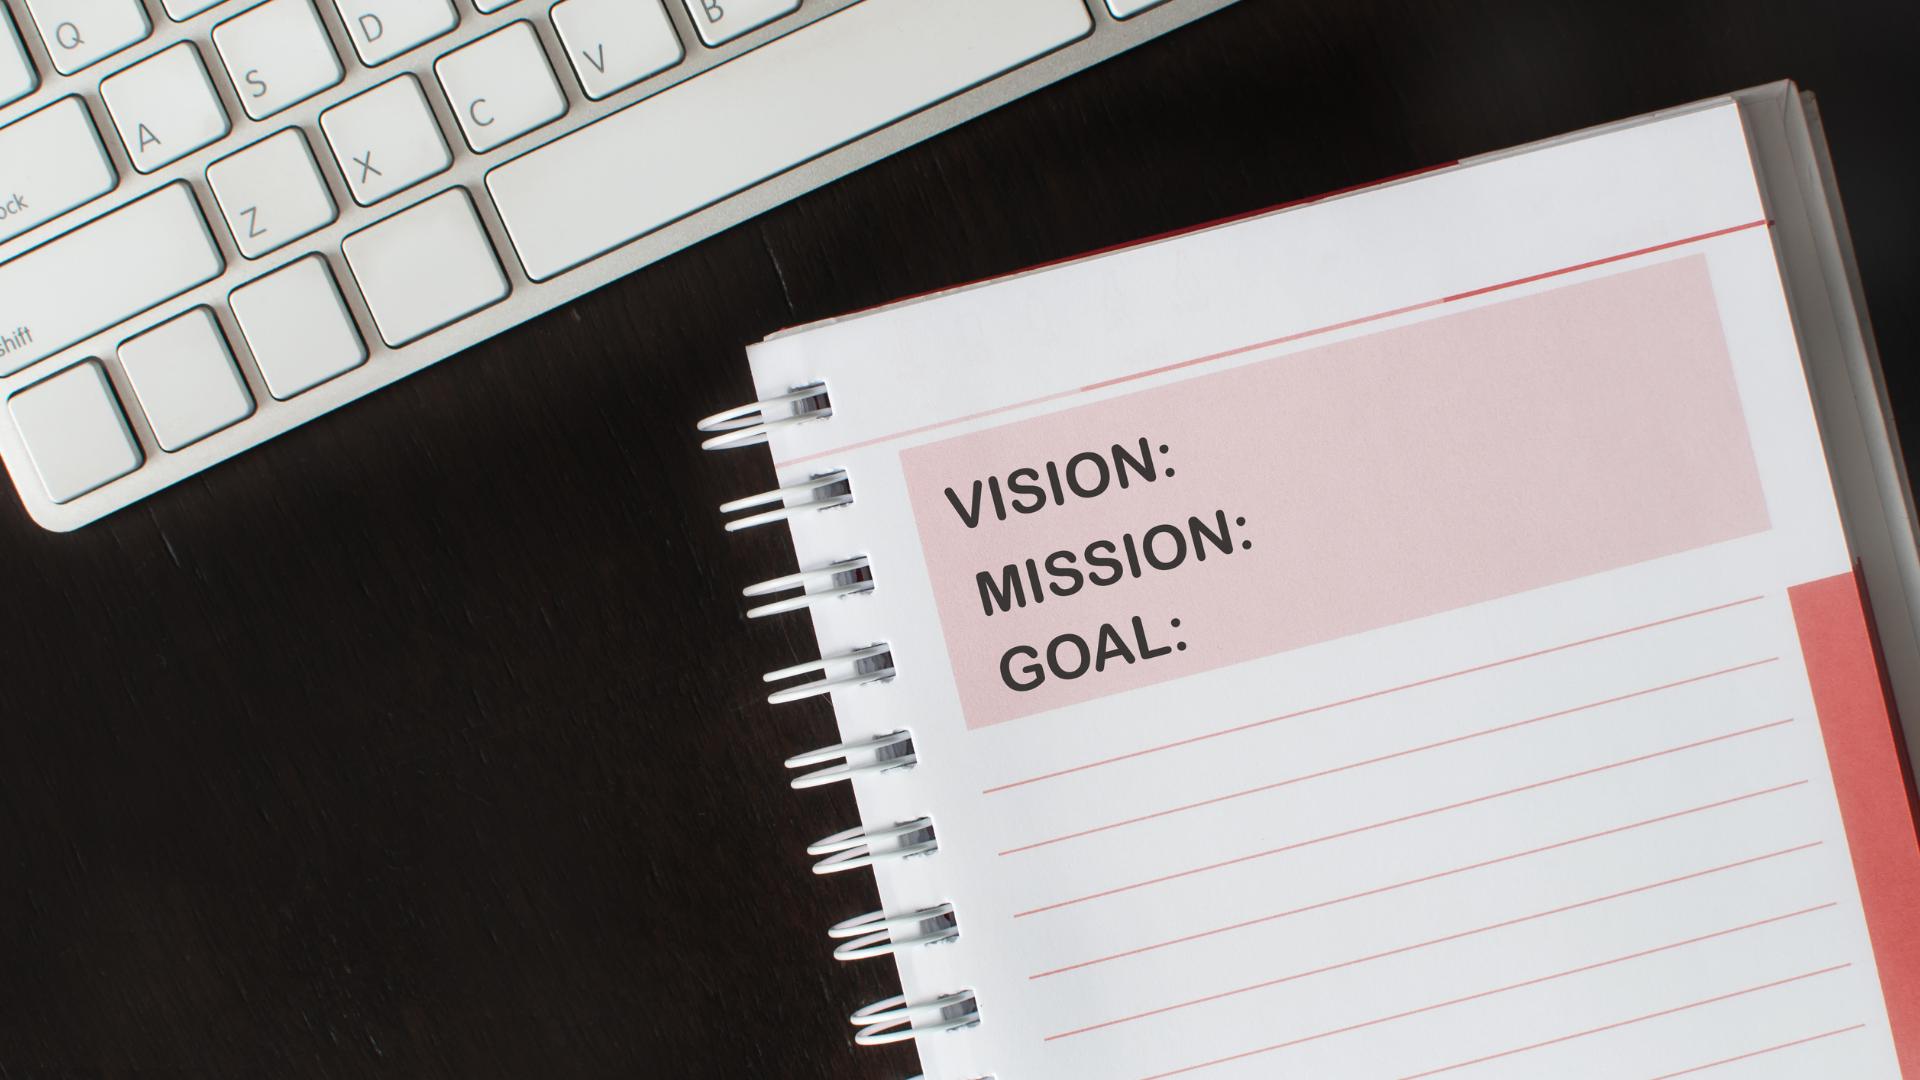 Εισαγωγικό Σεμινάριο: Θέτοντας το Όραμα, την Αποστολή, τους Στόχους και τις Αξίες μιας ΜΚΟ